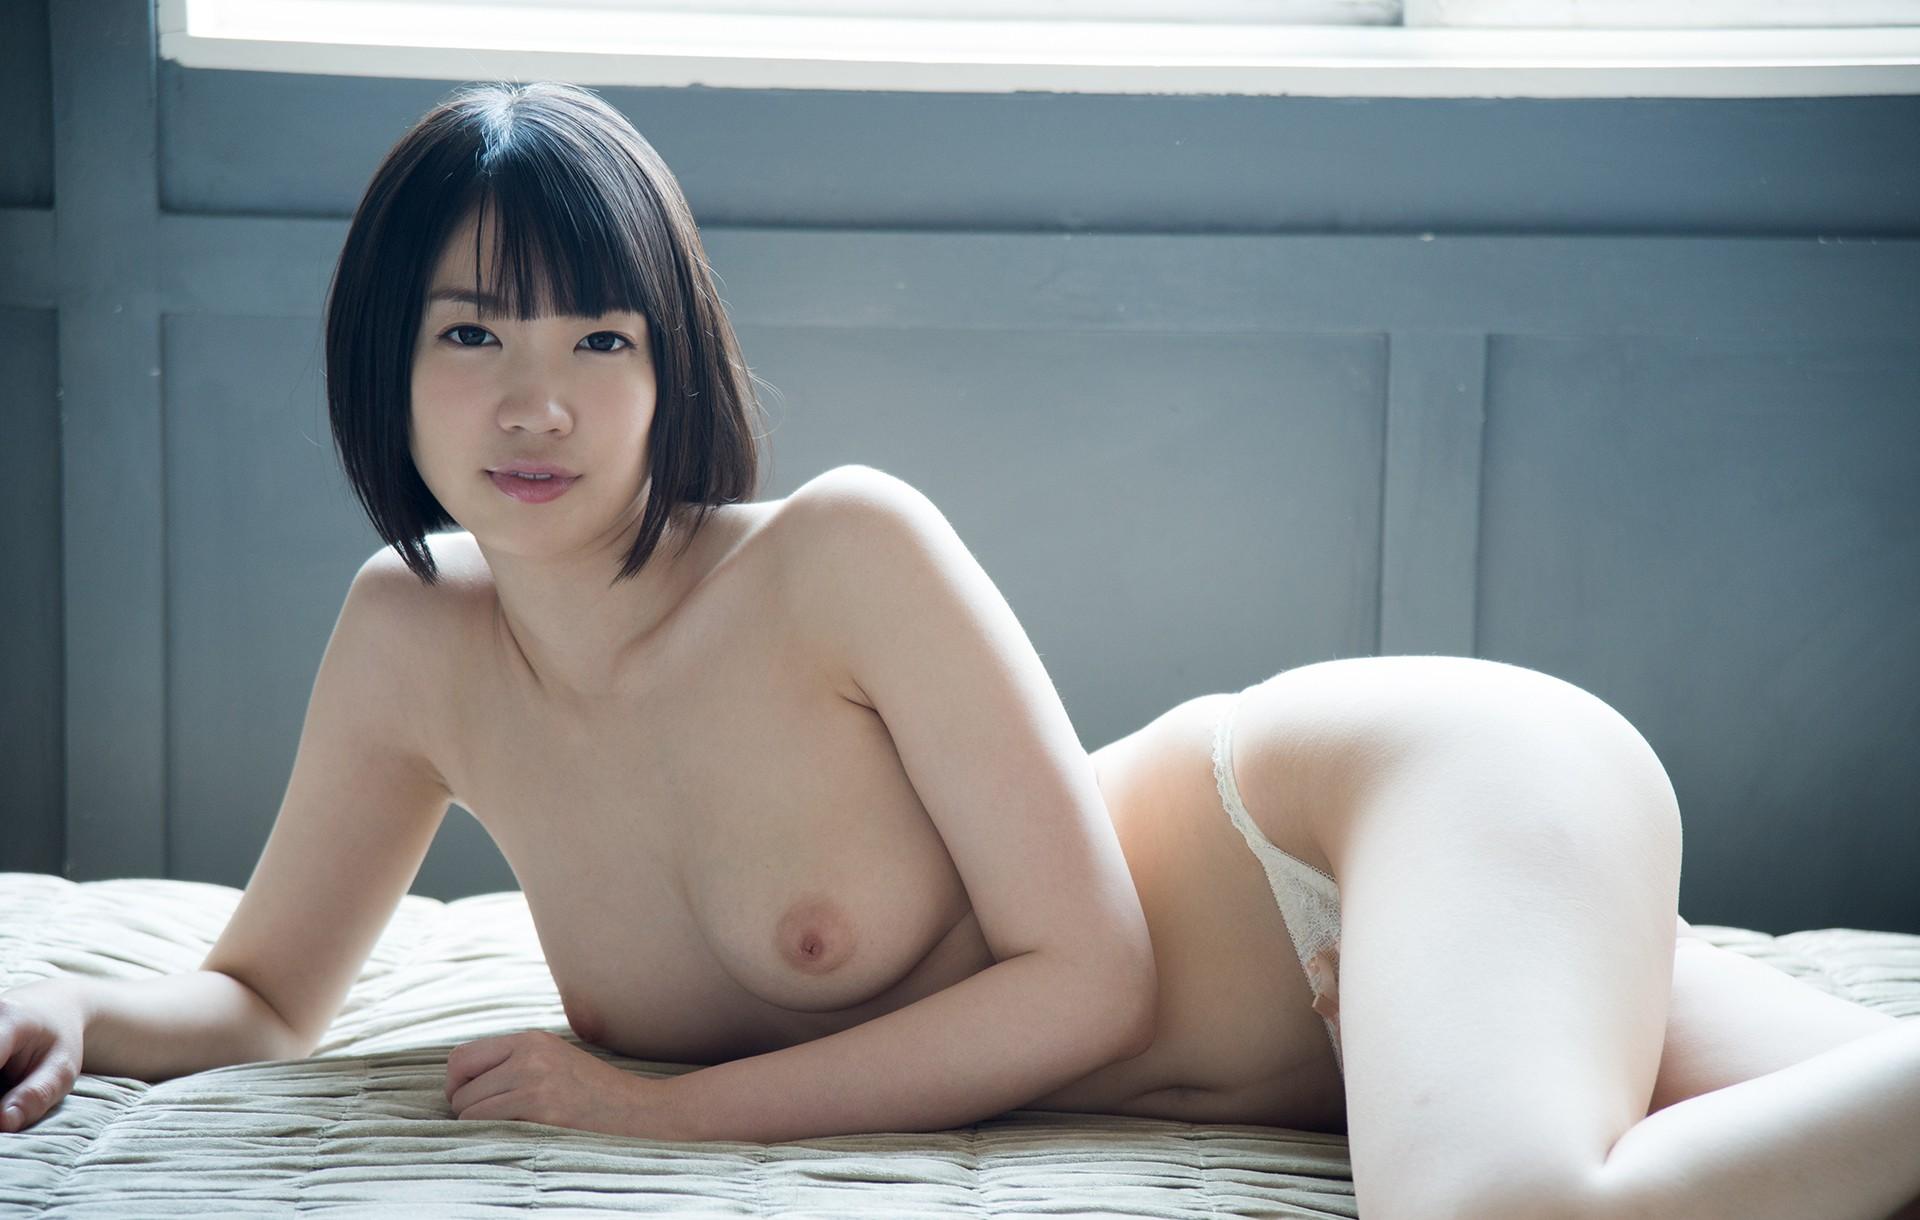 三次元 3次元 エロ画像 AV女優 鈴木心春  ヌード べっぴん娘通信 045